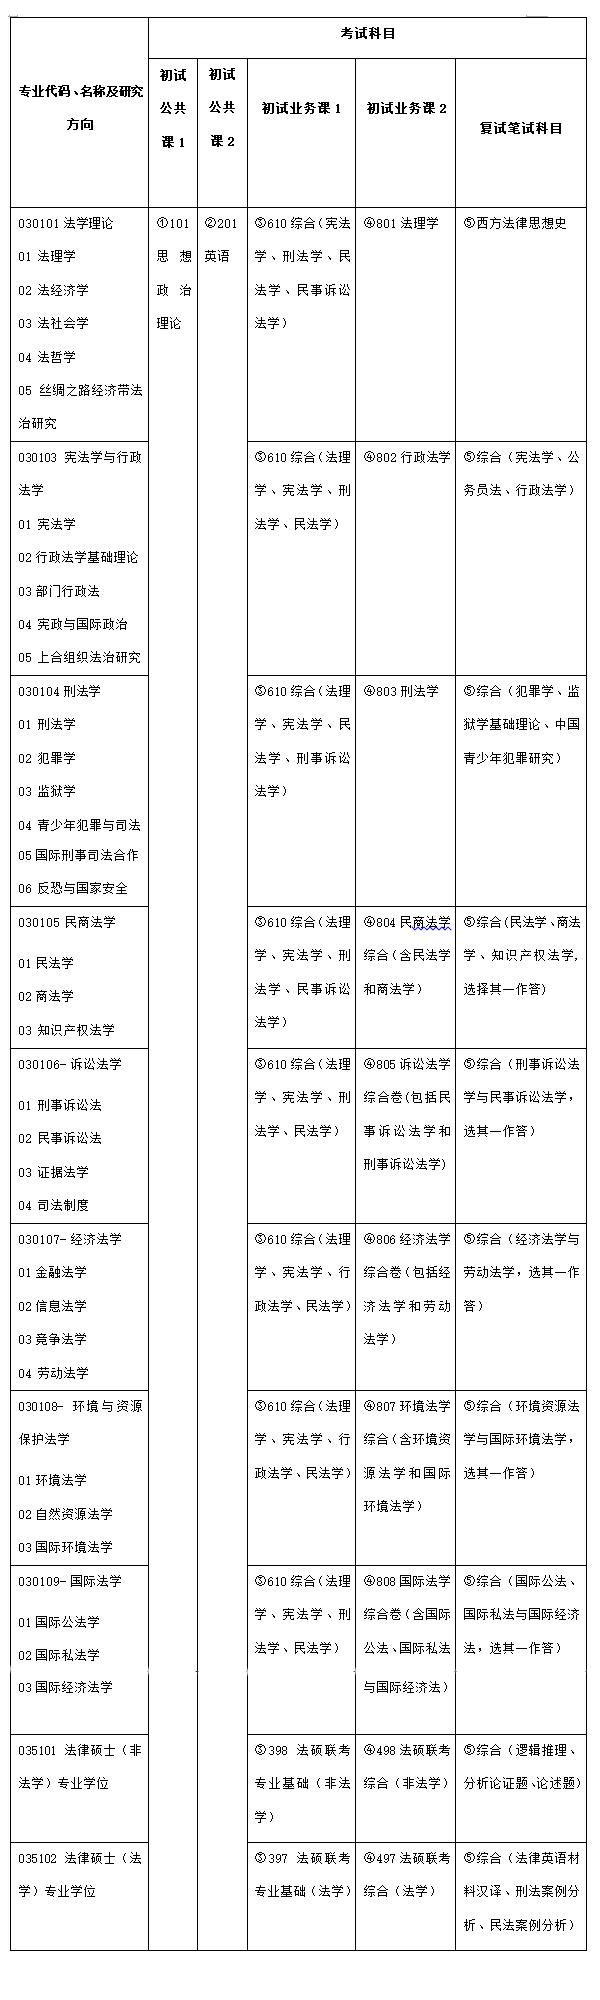 职称英语多少分及格_考研究生需要考几科,多少分及格啊